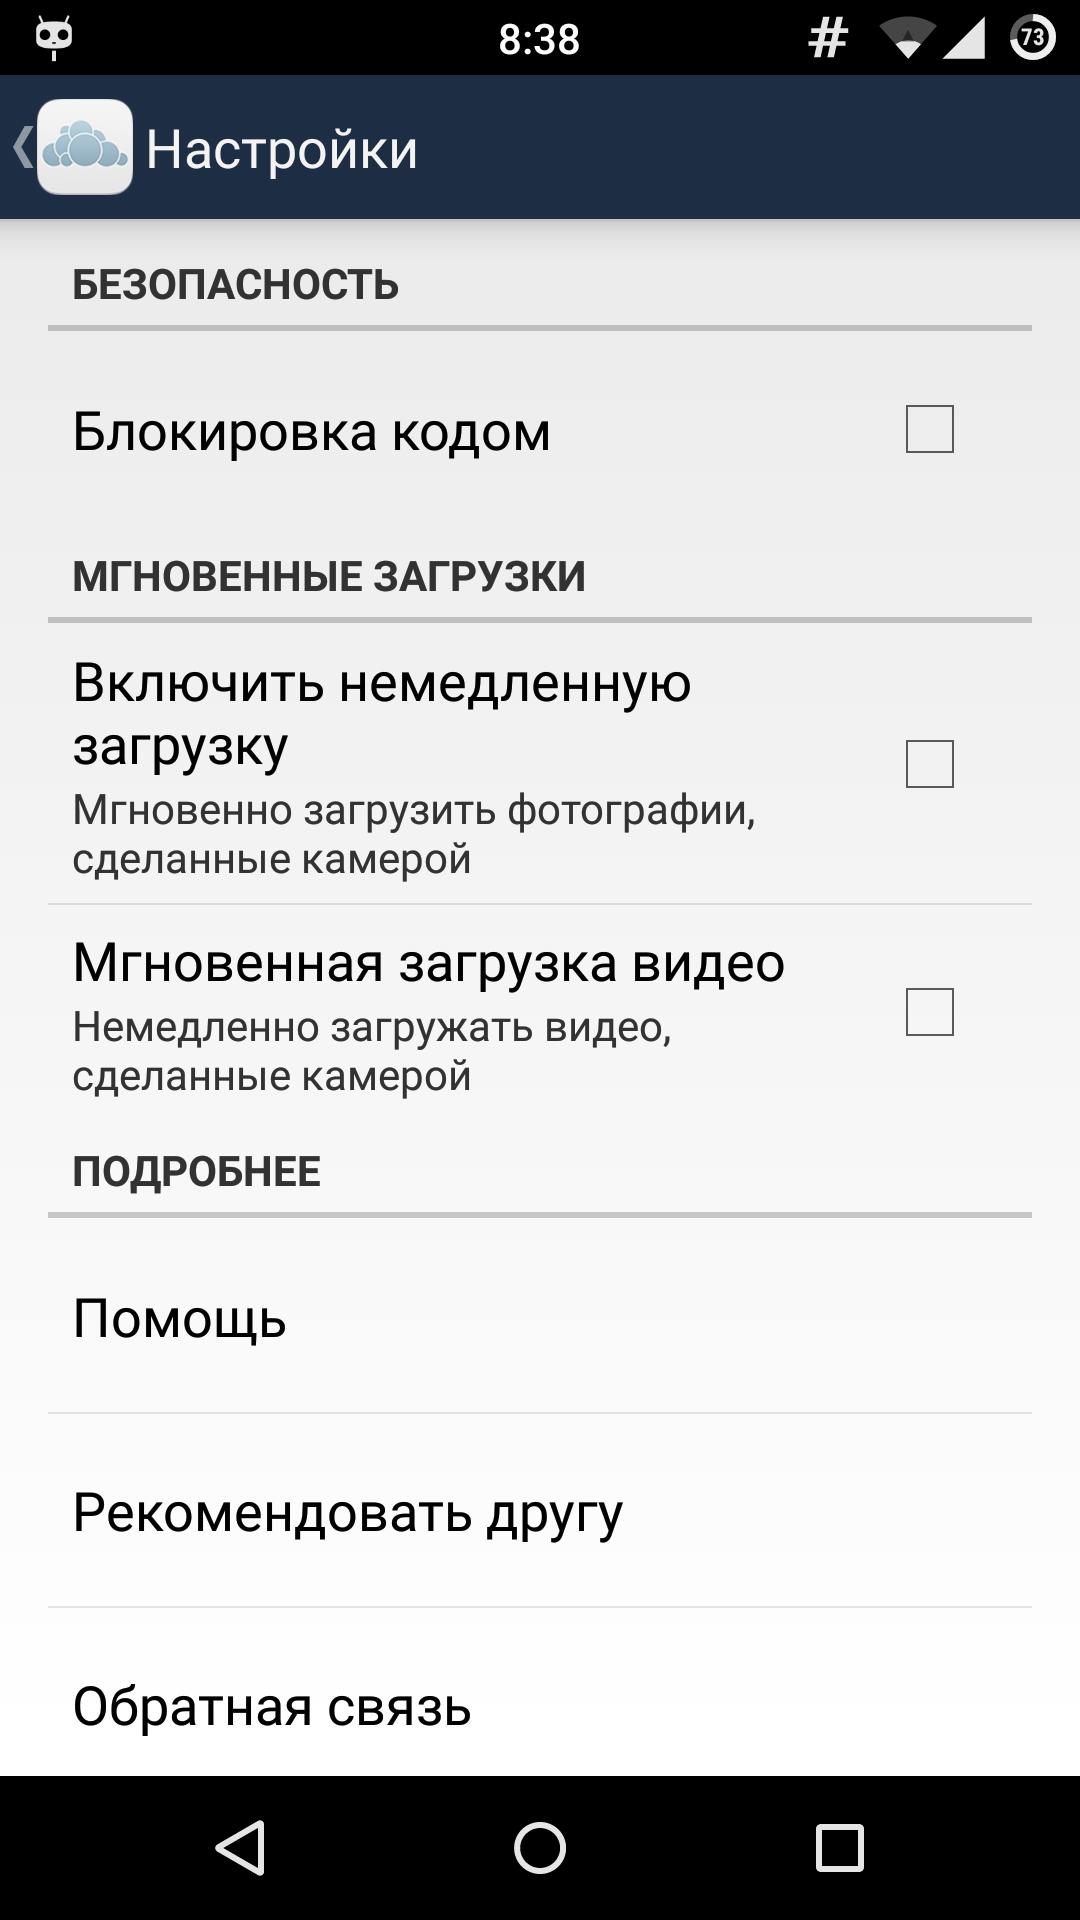 Настройки приложения ownCloud